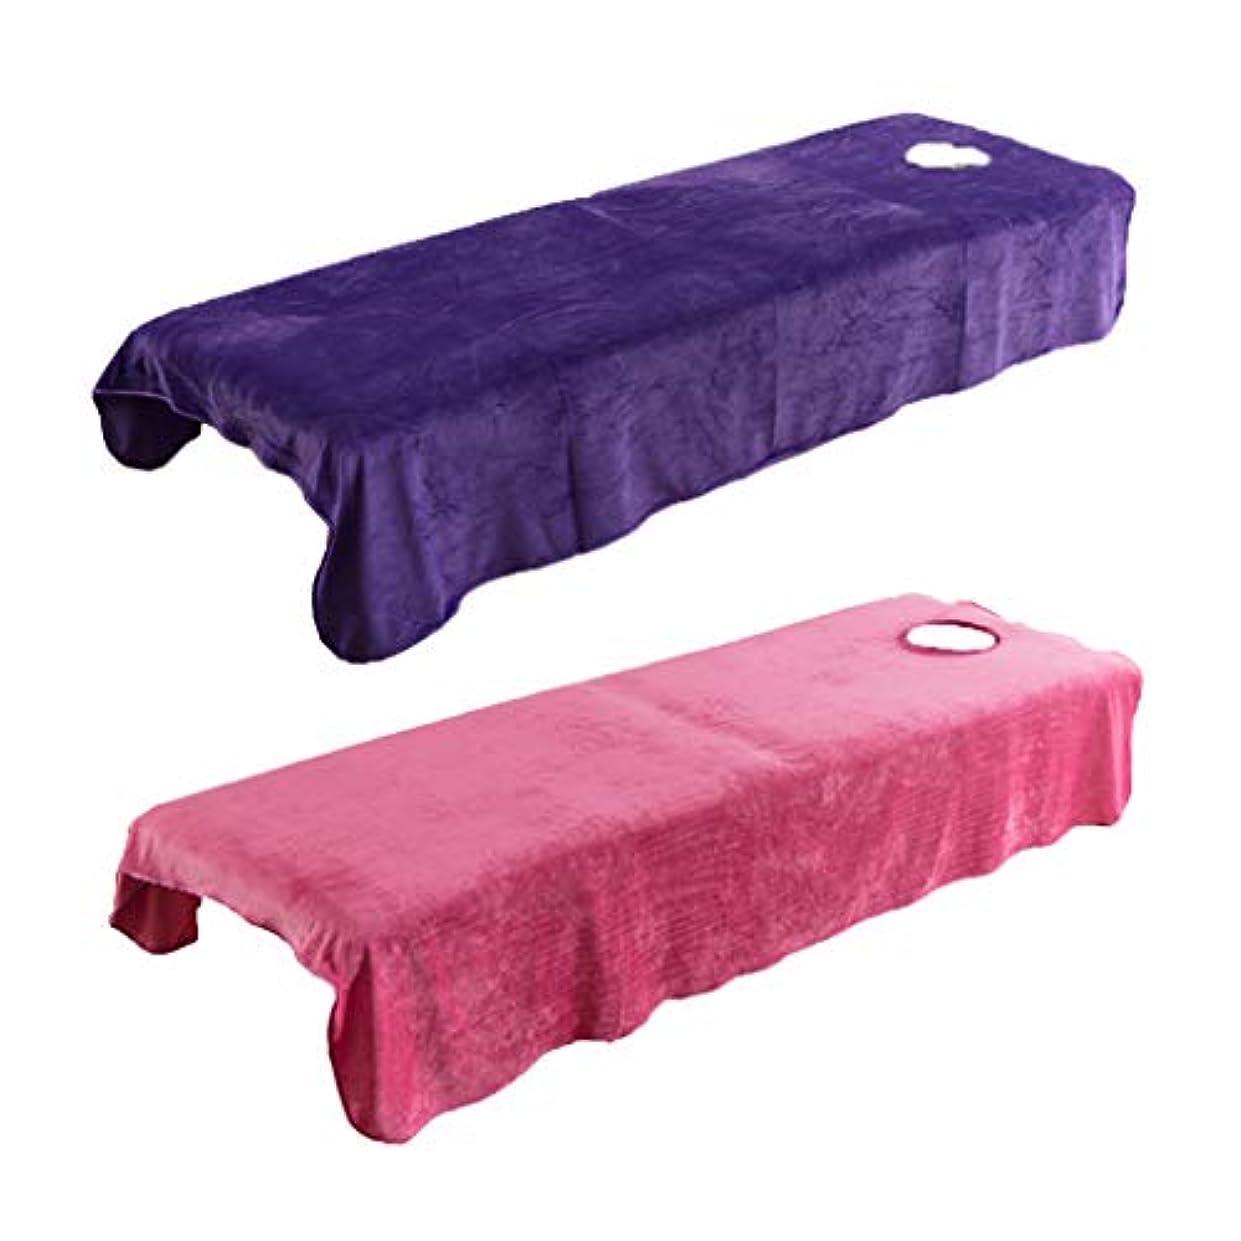 七面鳥チーフ計算する2枚 スパ マッサージベッドカバー 有孔 美容ベッドカバー マッサージ台シーツカバー 快適 通気性